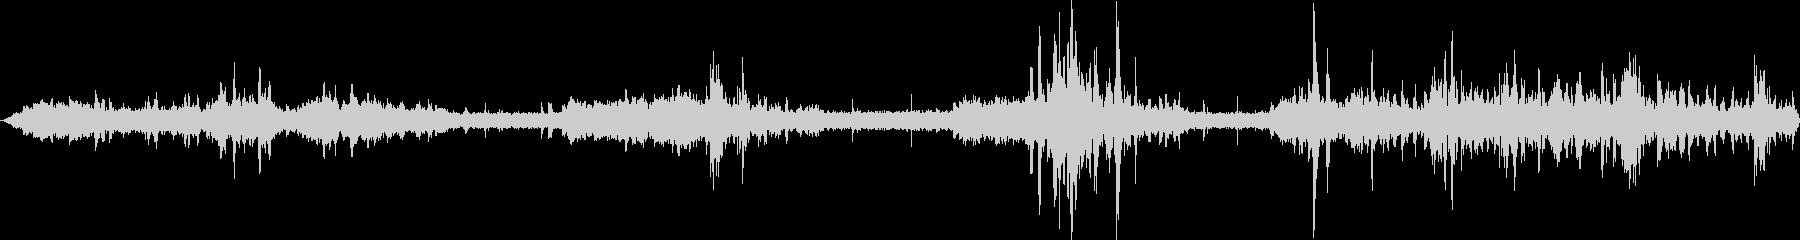 トランジットバス:Int:ラッシュ...の未再生の波形